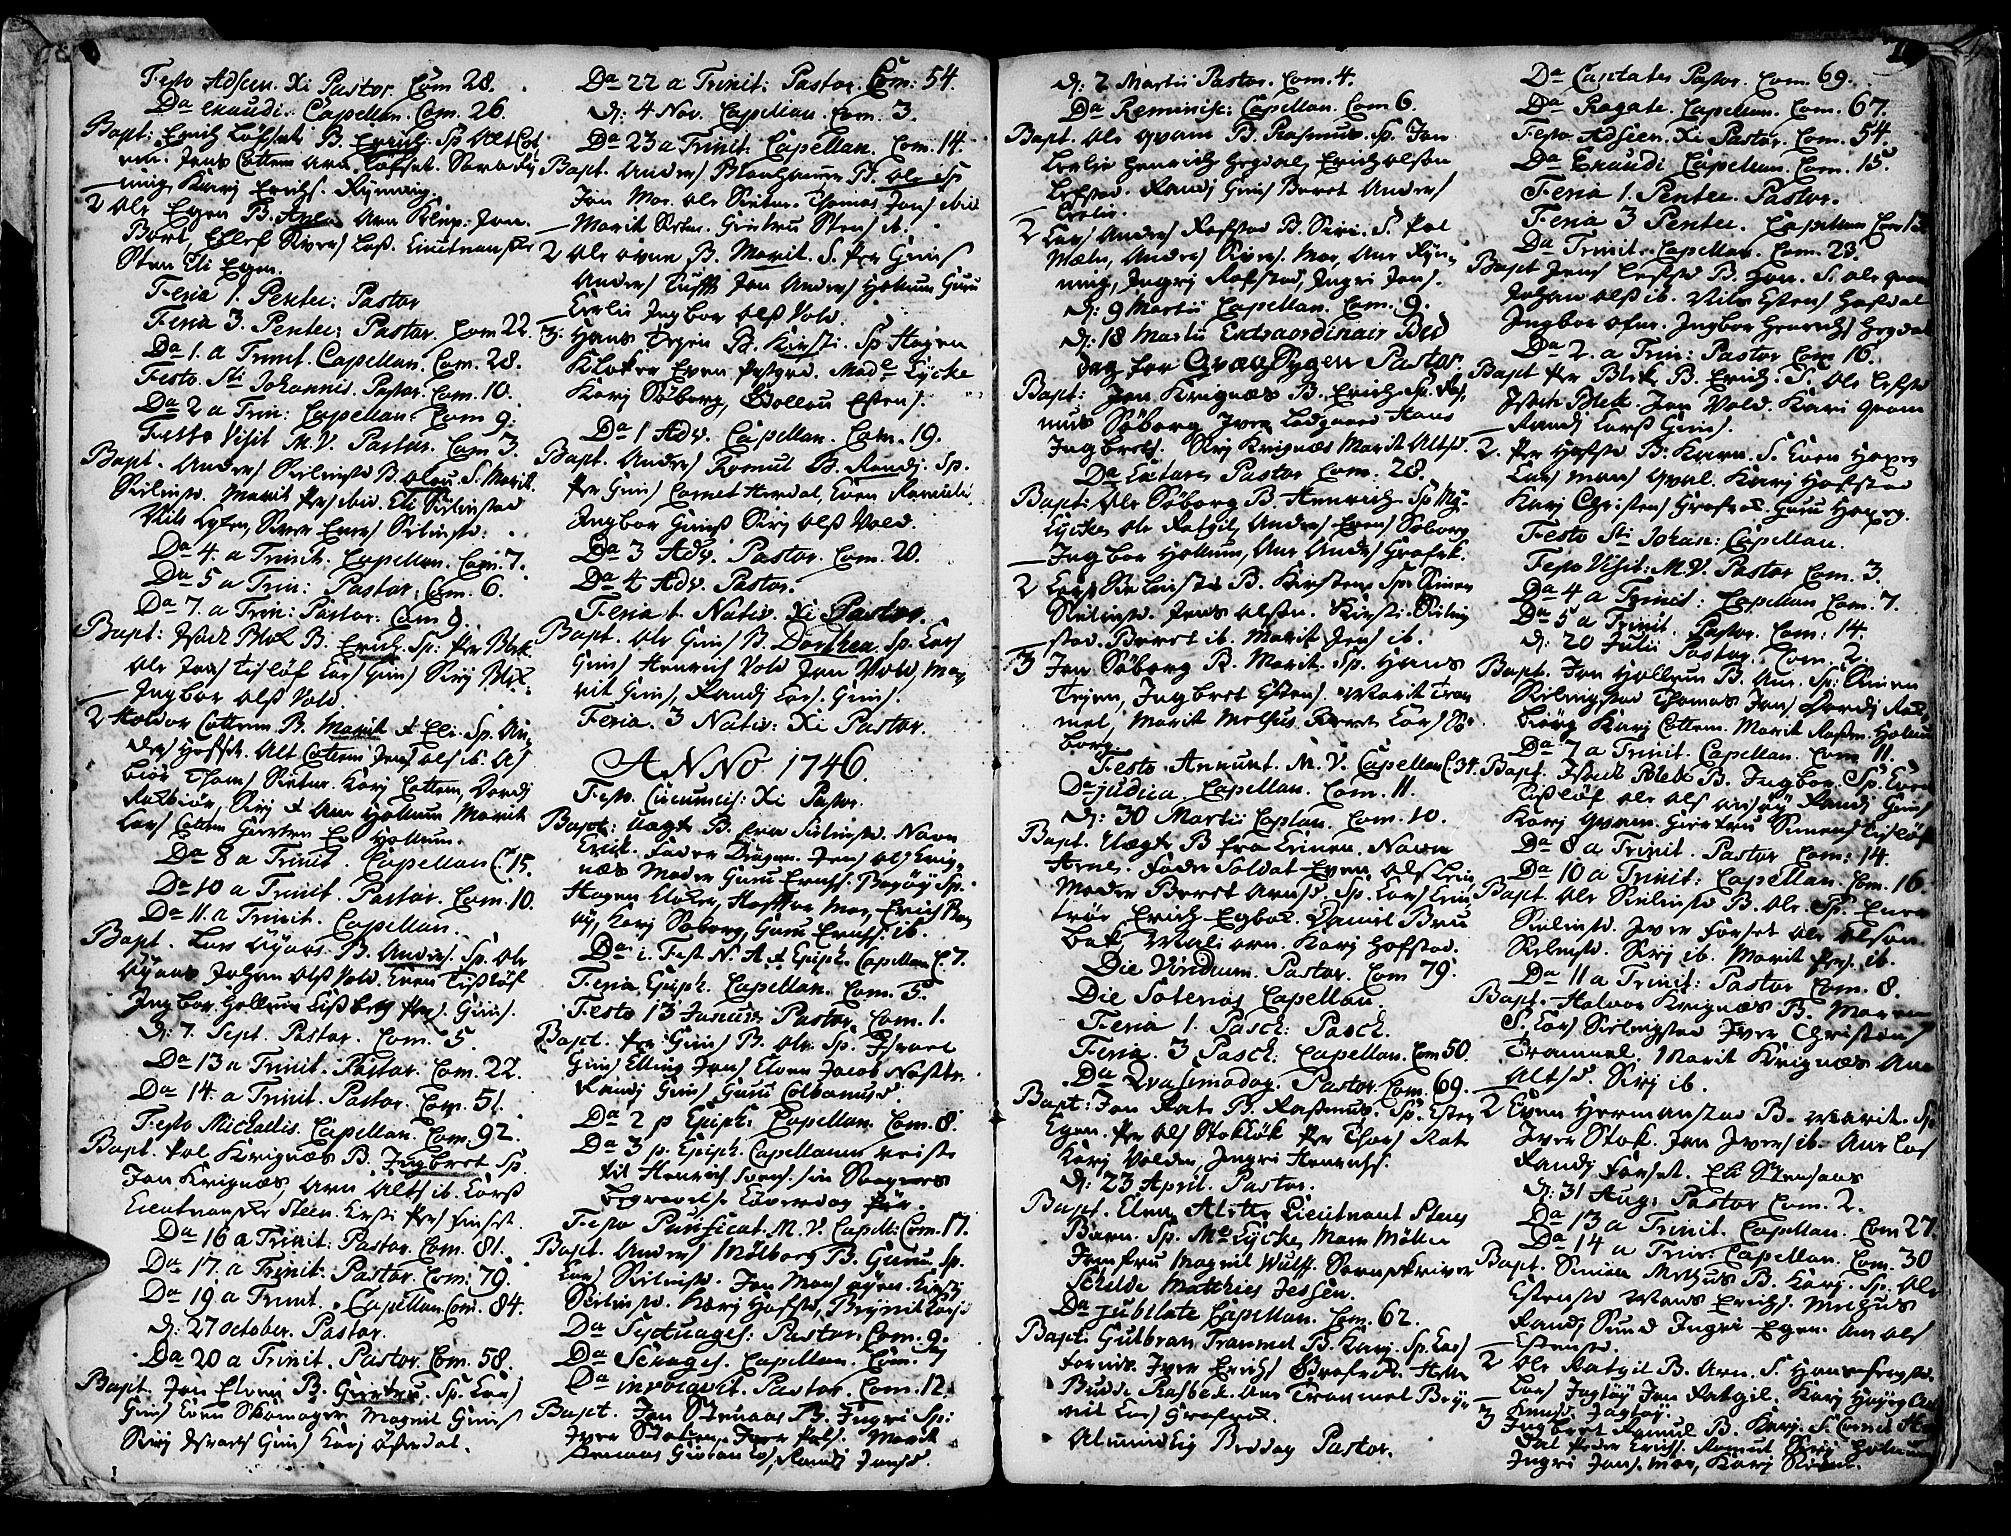 SAT, Ministerialprotokoller, klokkerbøker og fødselsregistre - Sør-Trøndelag, 691/L1057: Ministerialbok nr. 691A01 /1, 1740-1767, s. 20